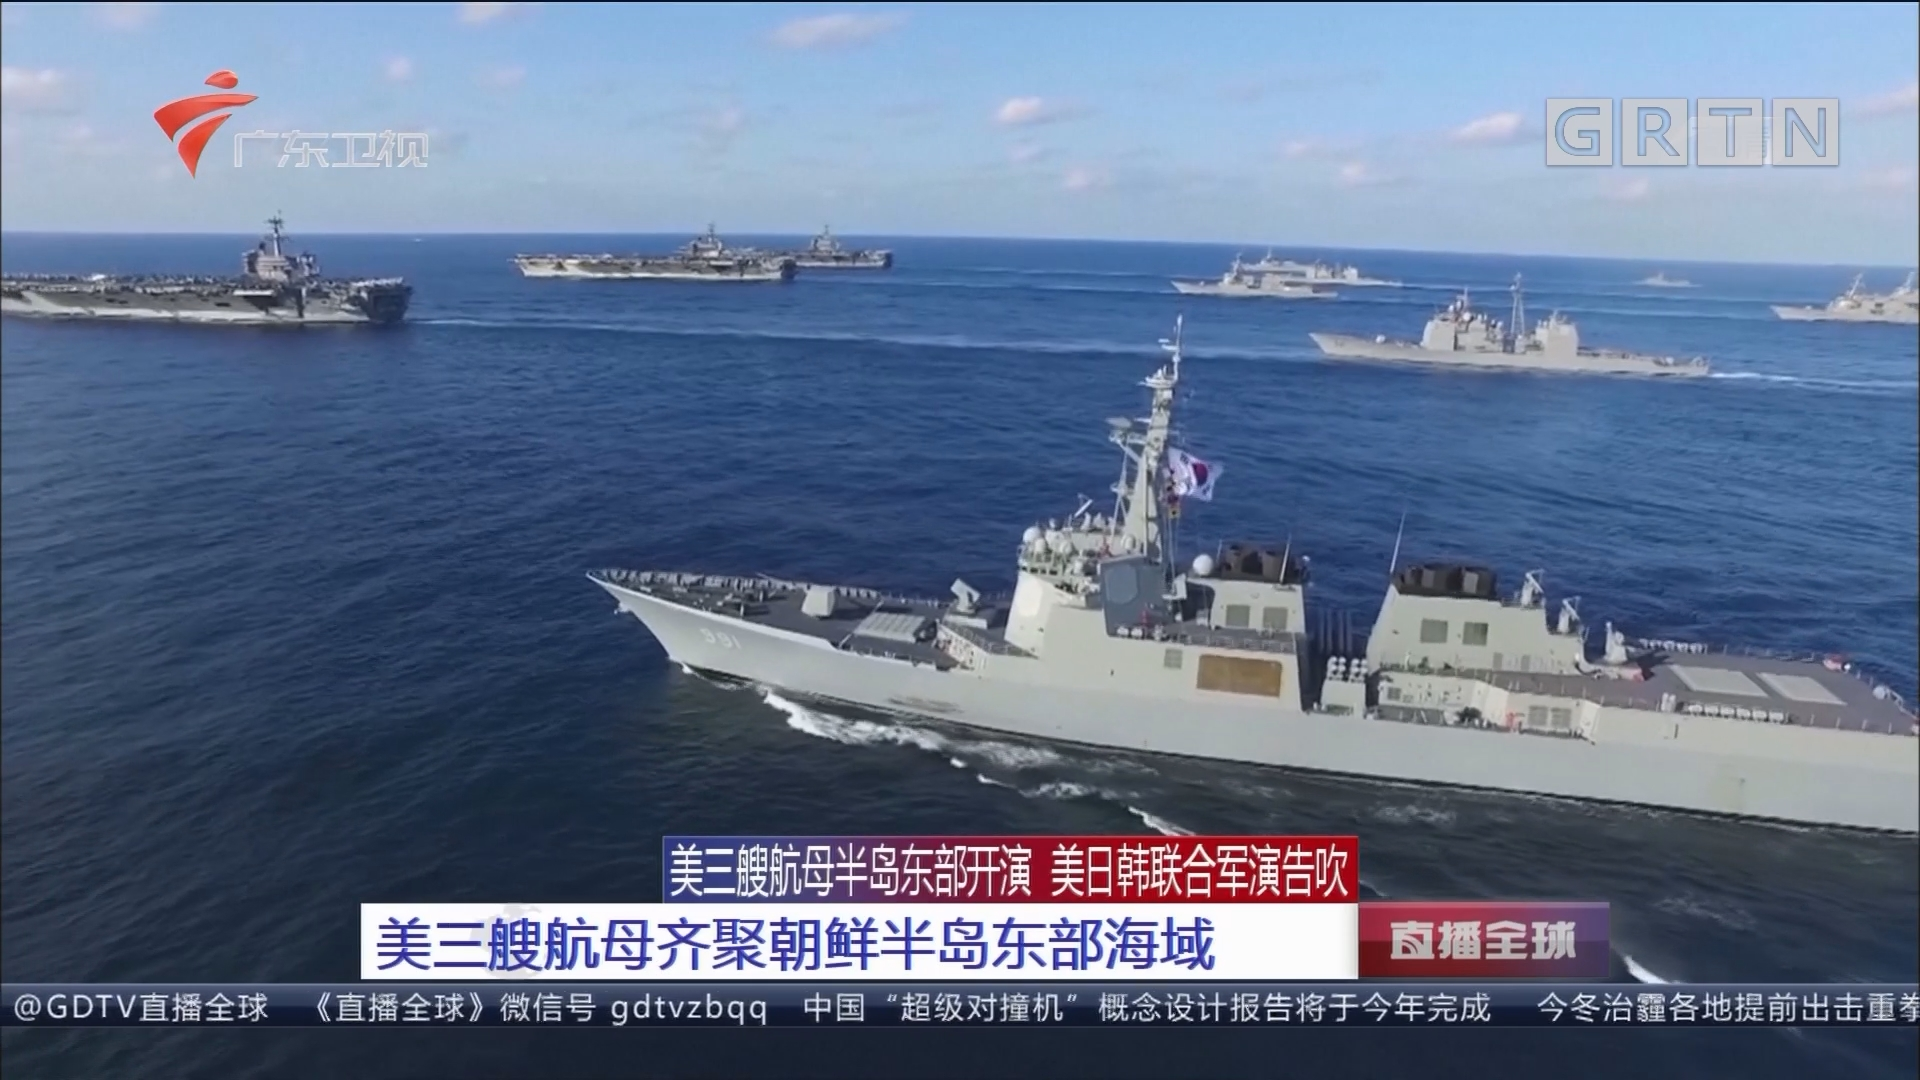 美三艘航母半岛东部开演 美日韩联合军演告吹:美三艘航母齐聚朝鲜半岛东部海域